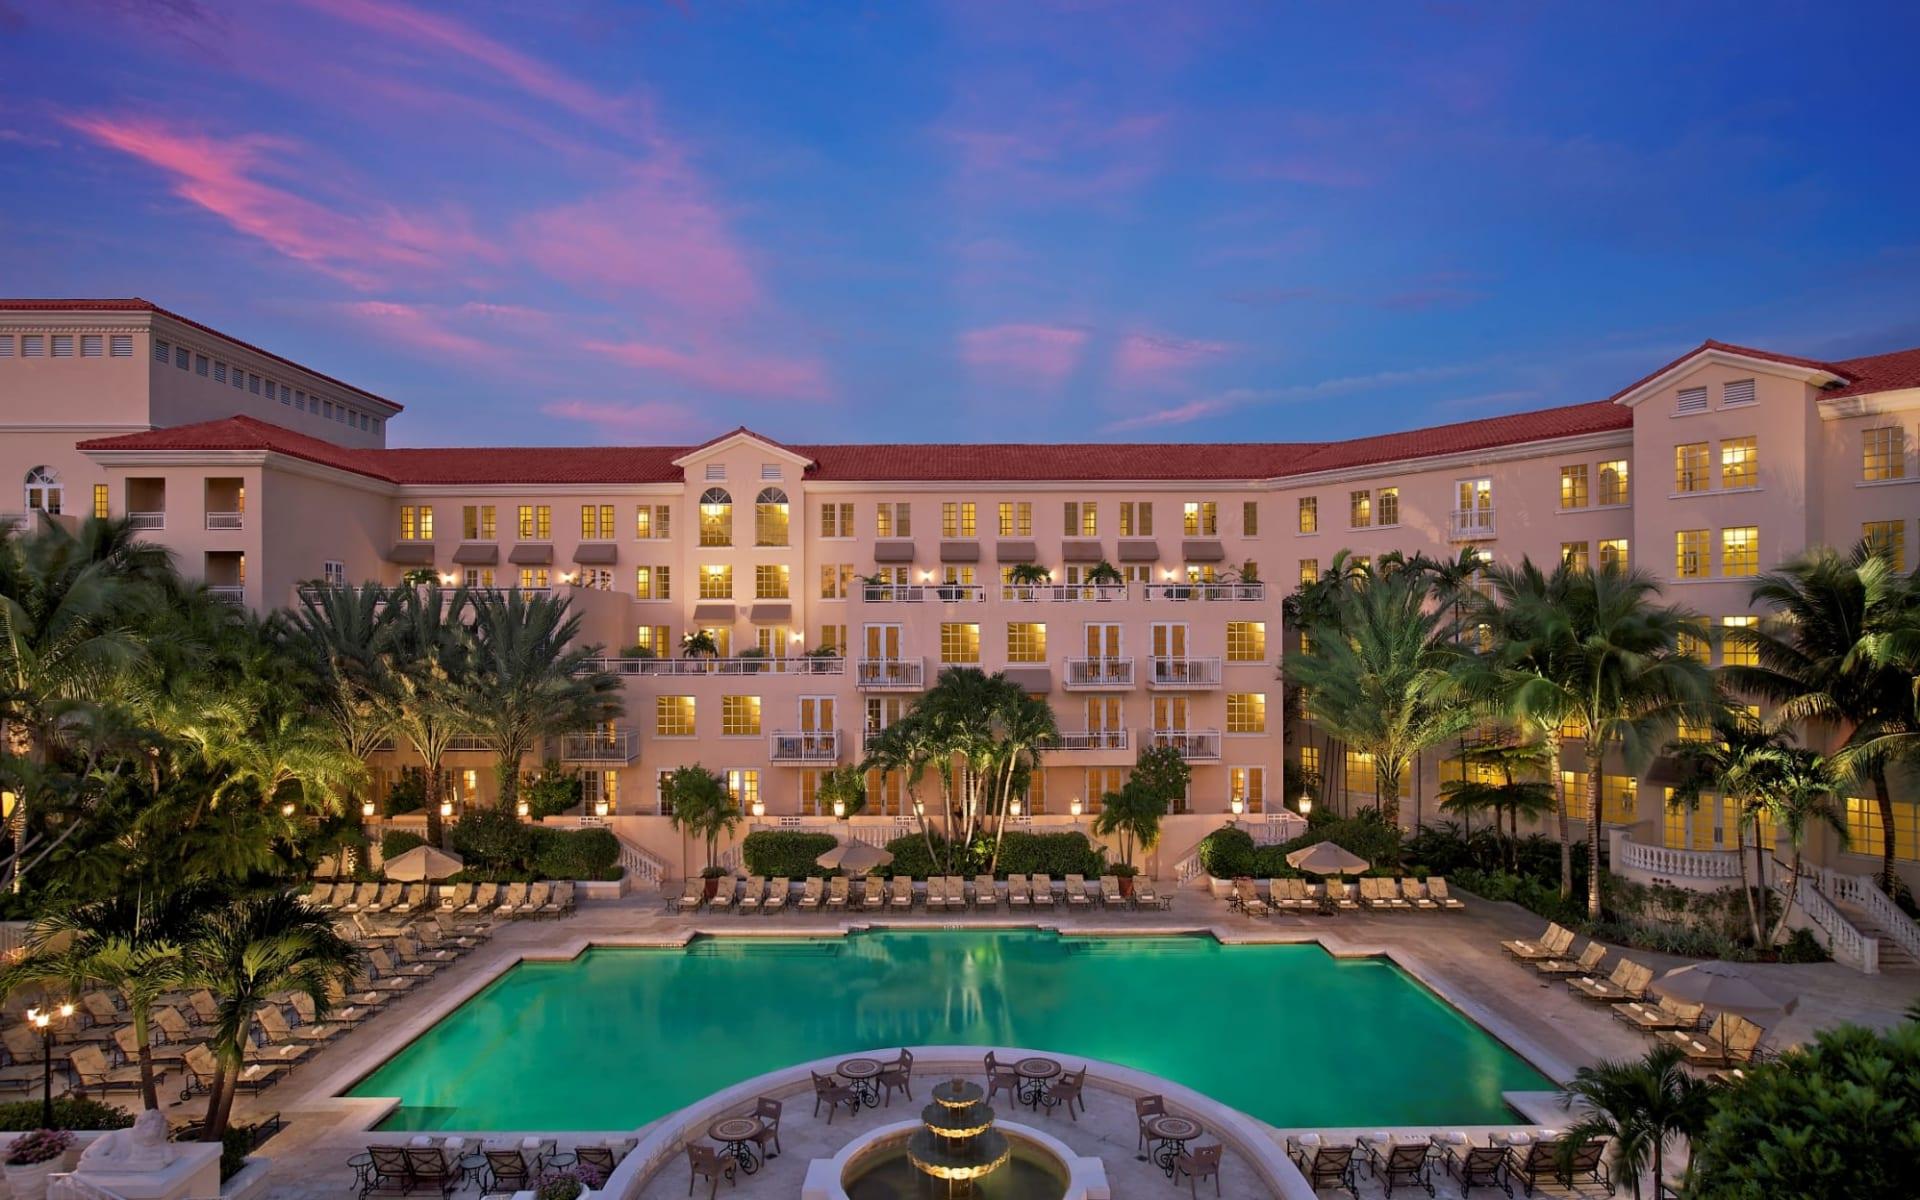 Golf Hotel JW Marriott Miami Turnberry Resort in Aventura: Turnberry Isle Resort & Club - Sicht auf Pool und Hotel